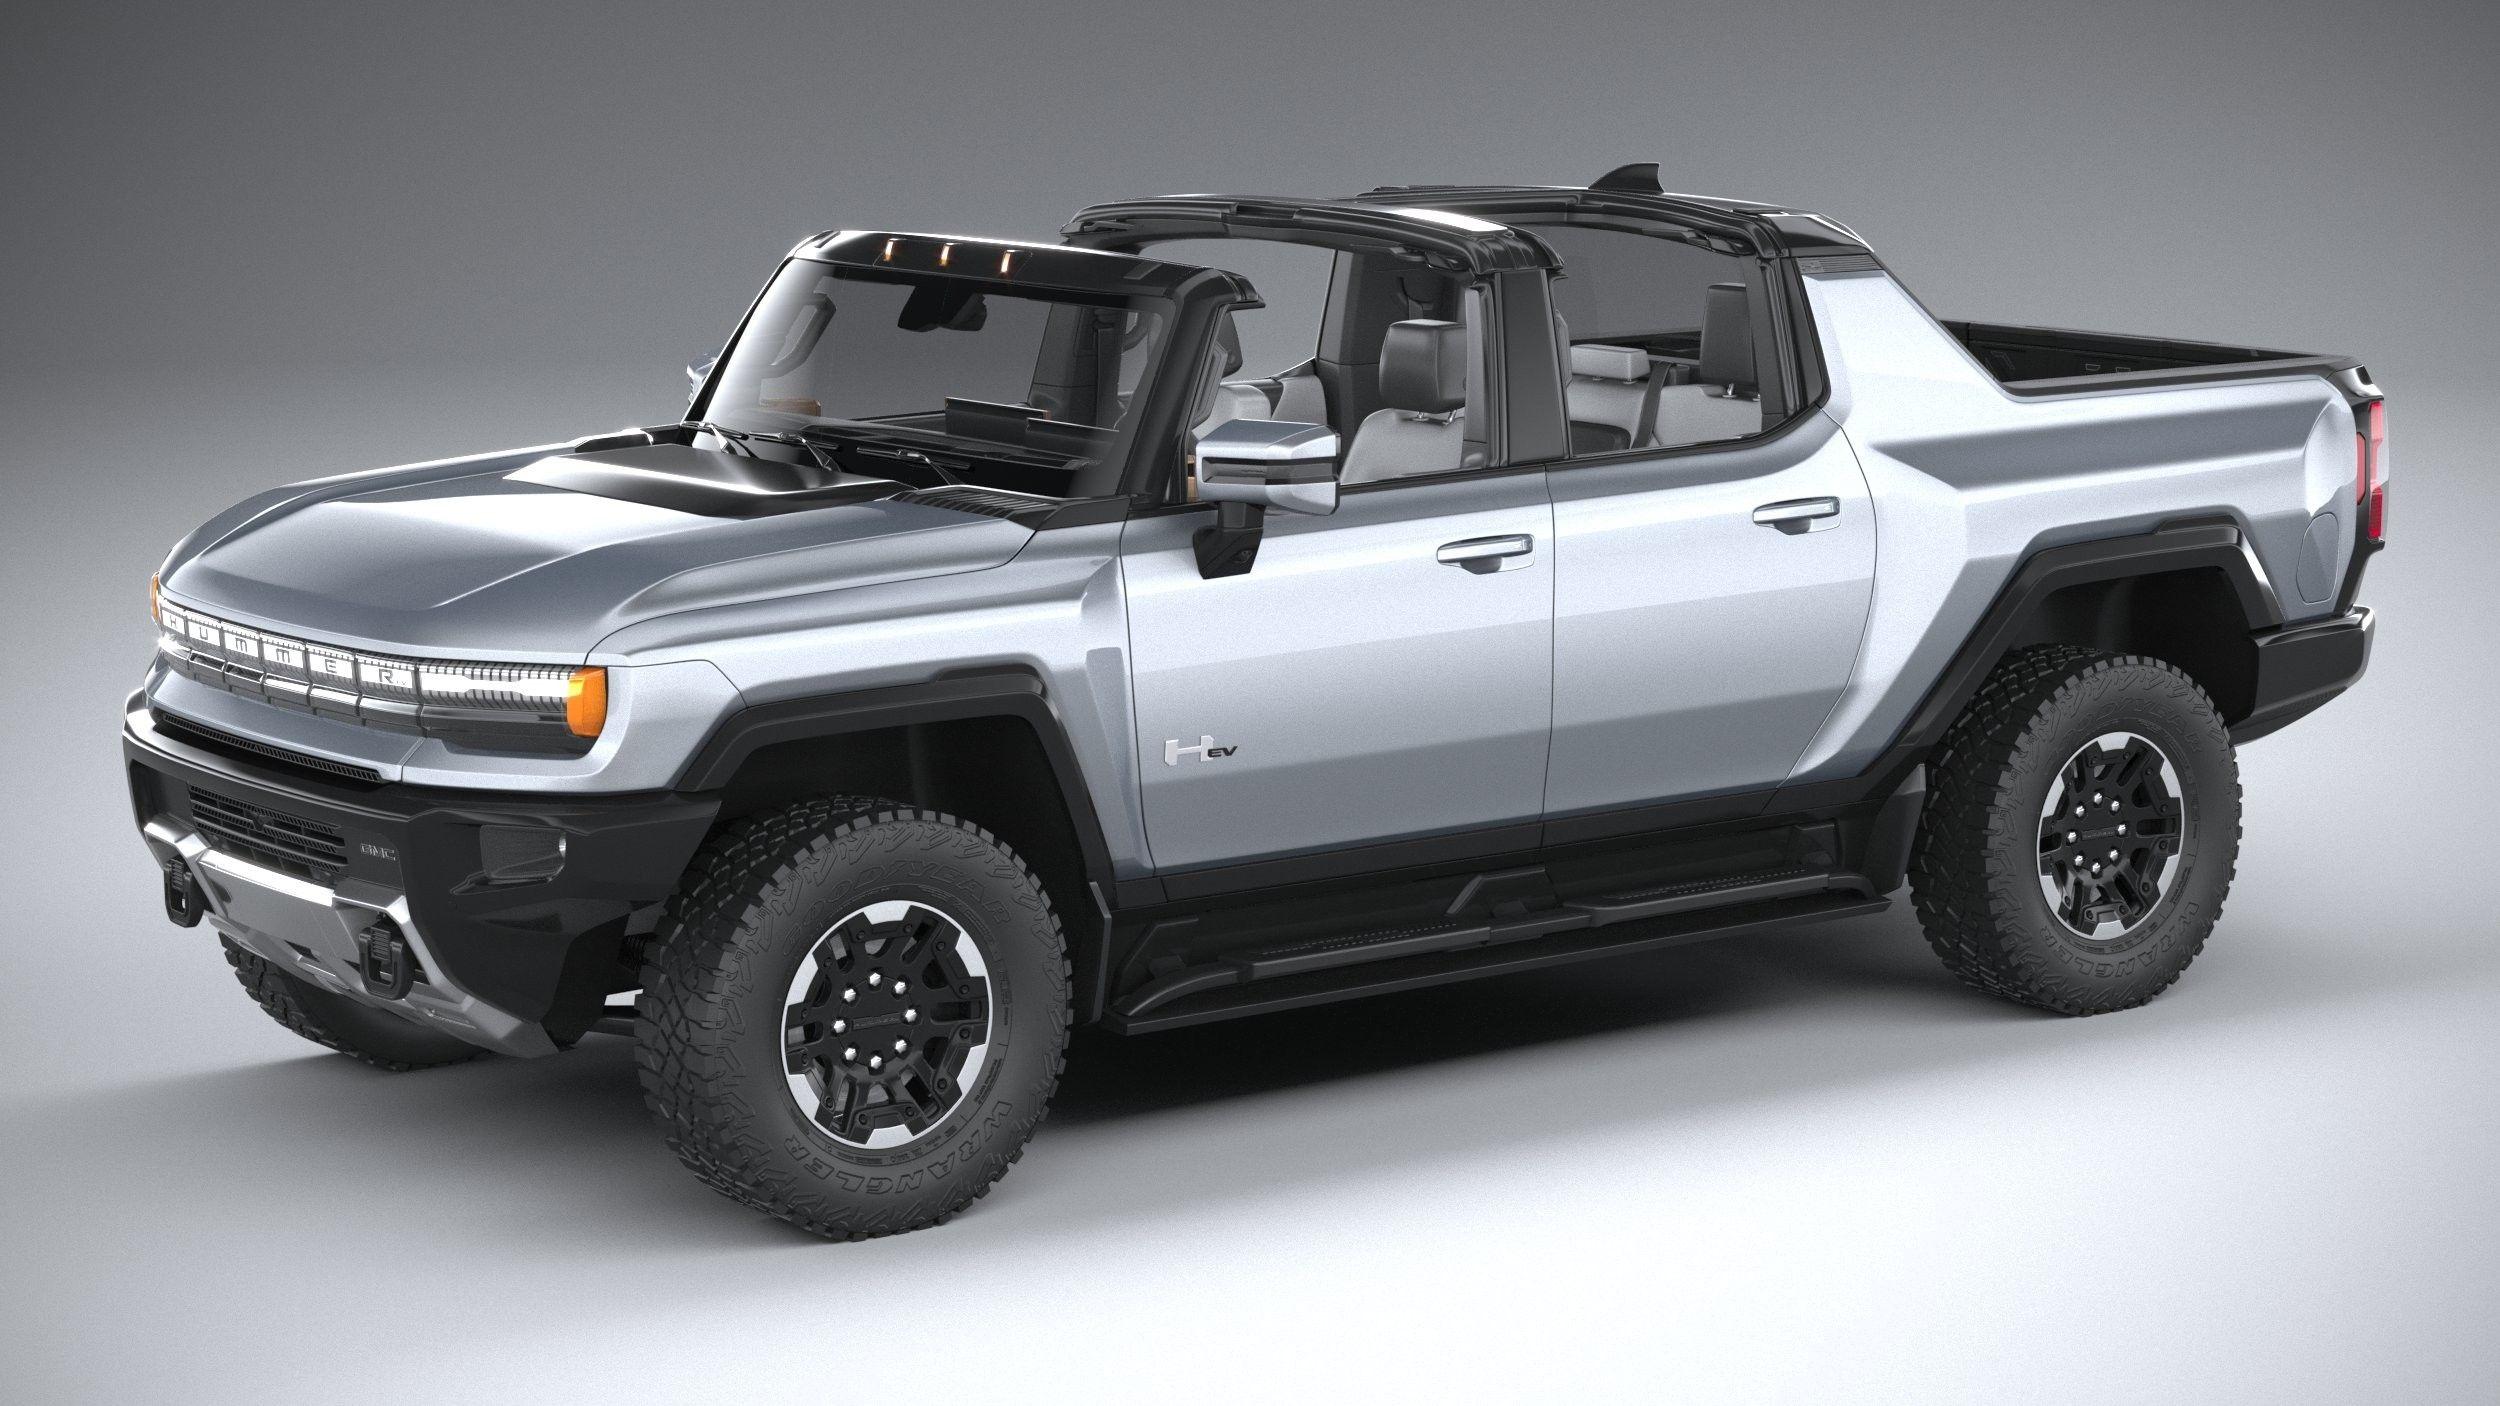 Hummer Ev 2022 With Interior In 2021 Hummer Bmw Dealer Bmw Models